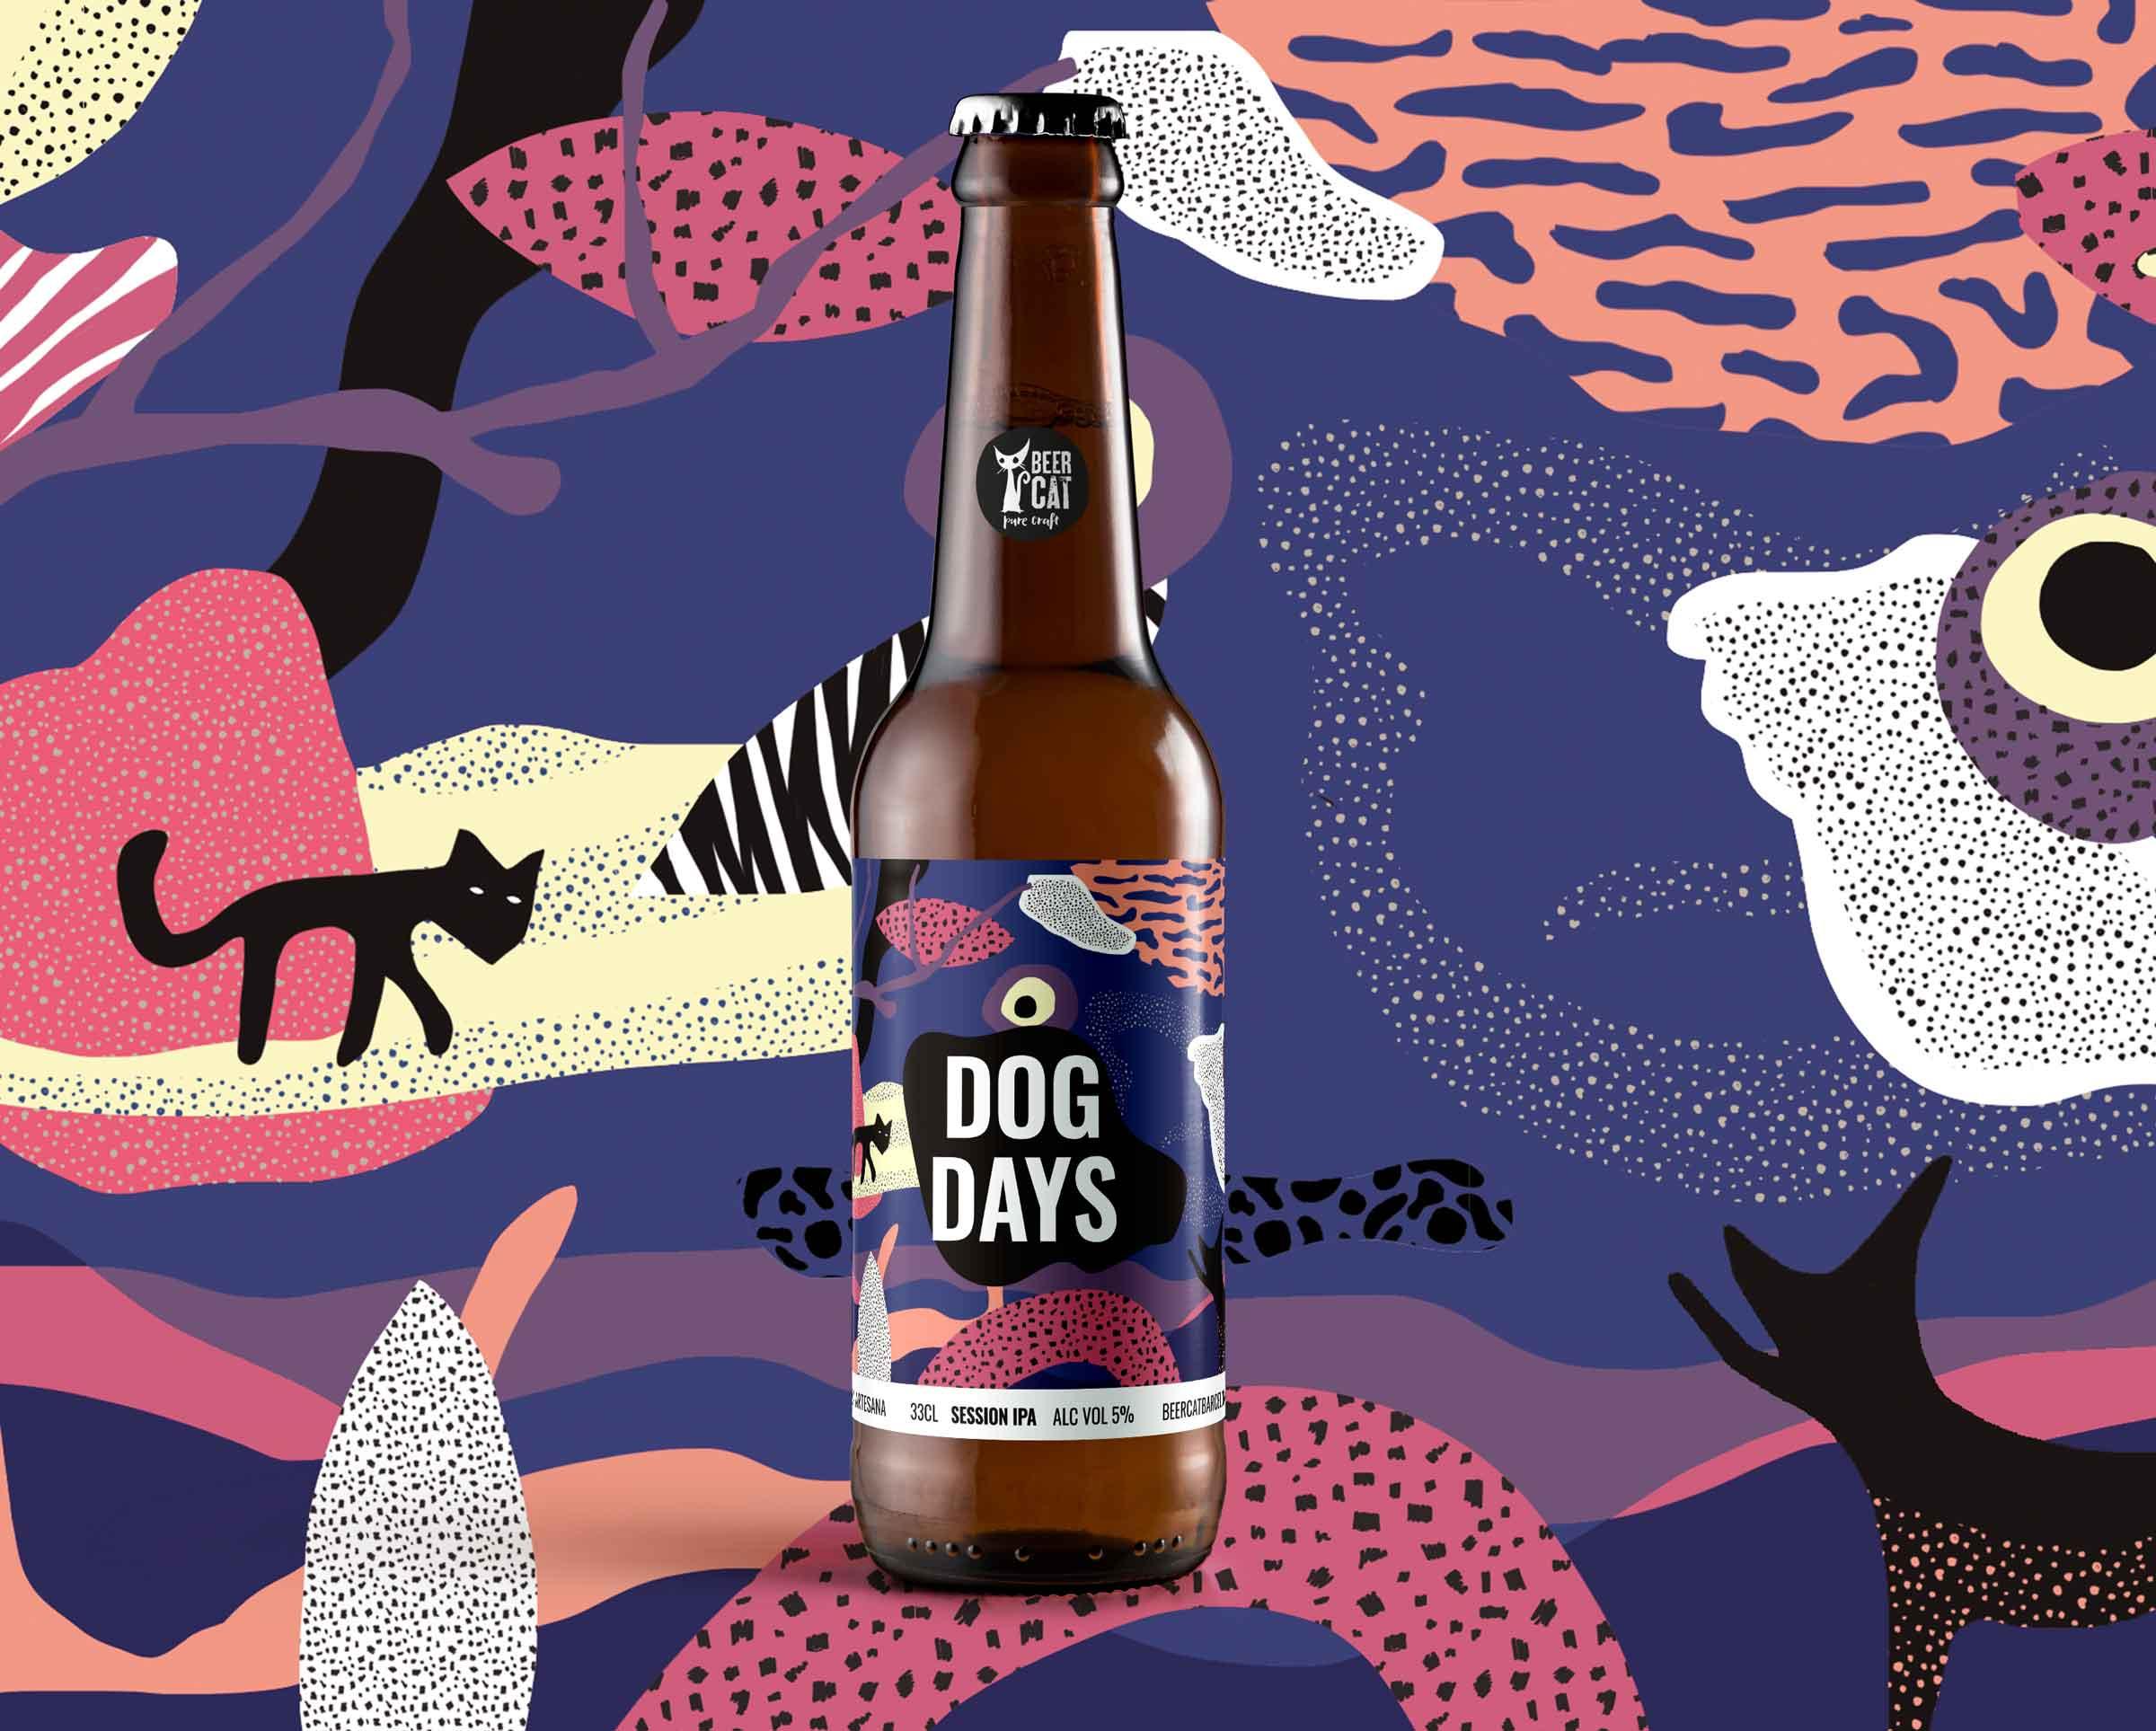 dogdays craftbeer vilafranca penedes disculpi studio angels pinyol - BEERCAT - Il·lustracions i disseny per etiquetes cerveses artesanes